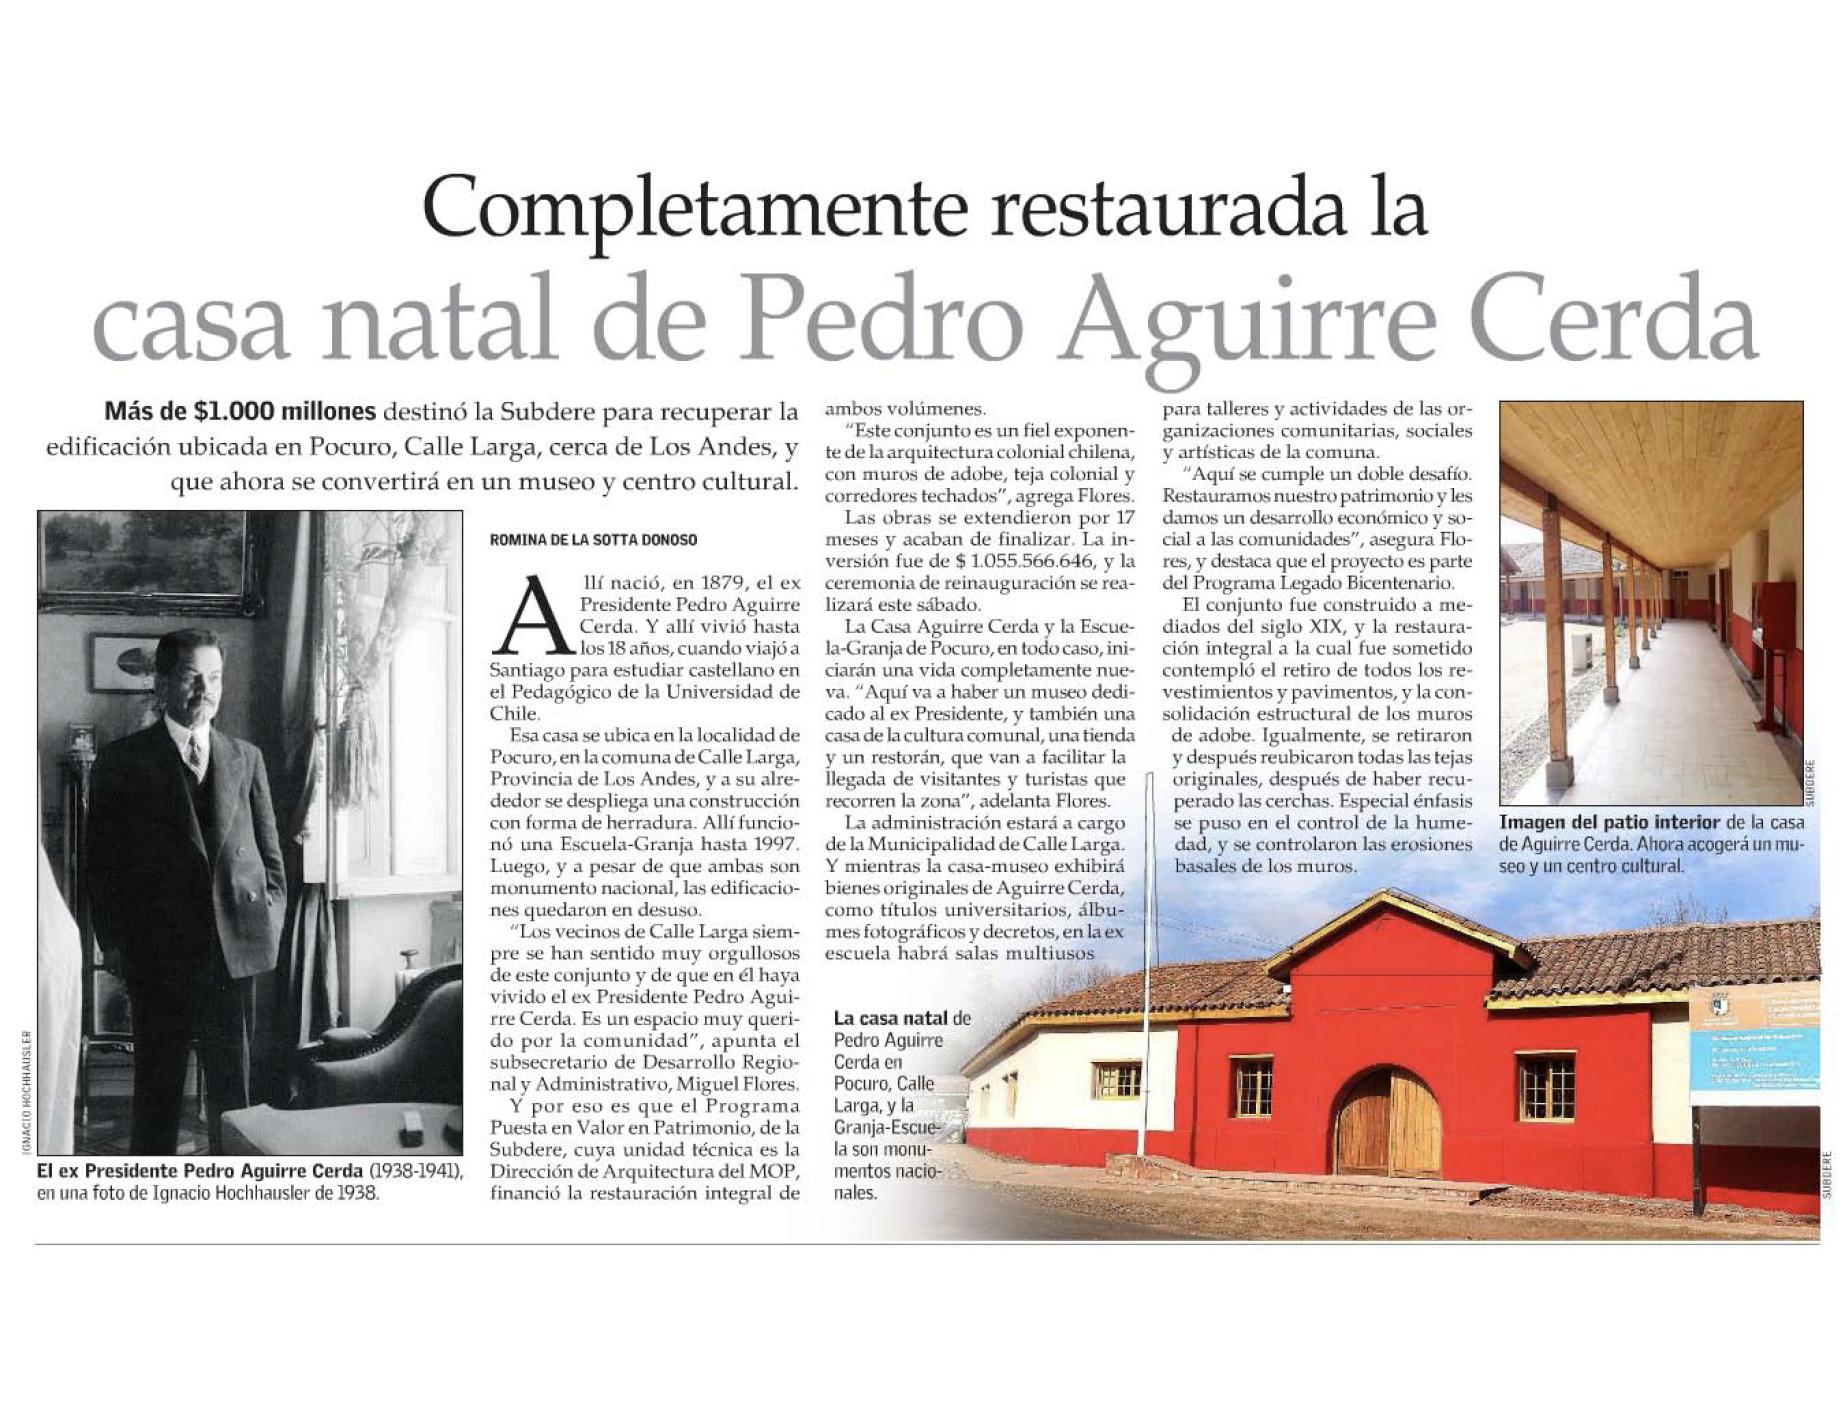 Completamente restaurada la casa natal de Pedro Aguirre Cerda.